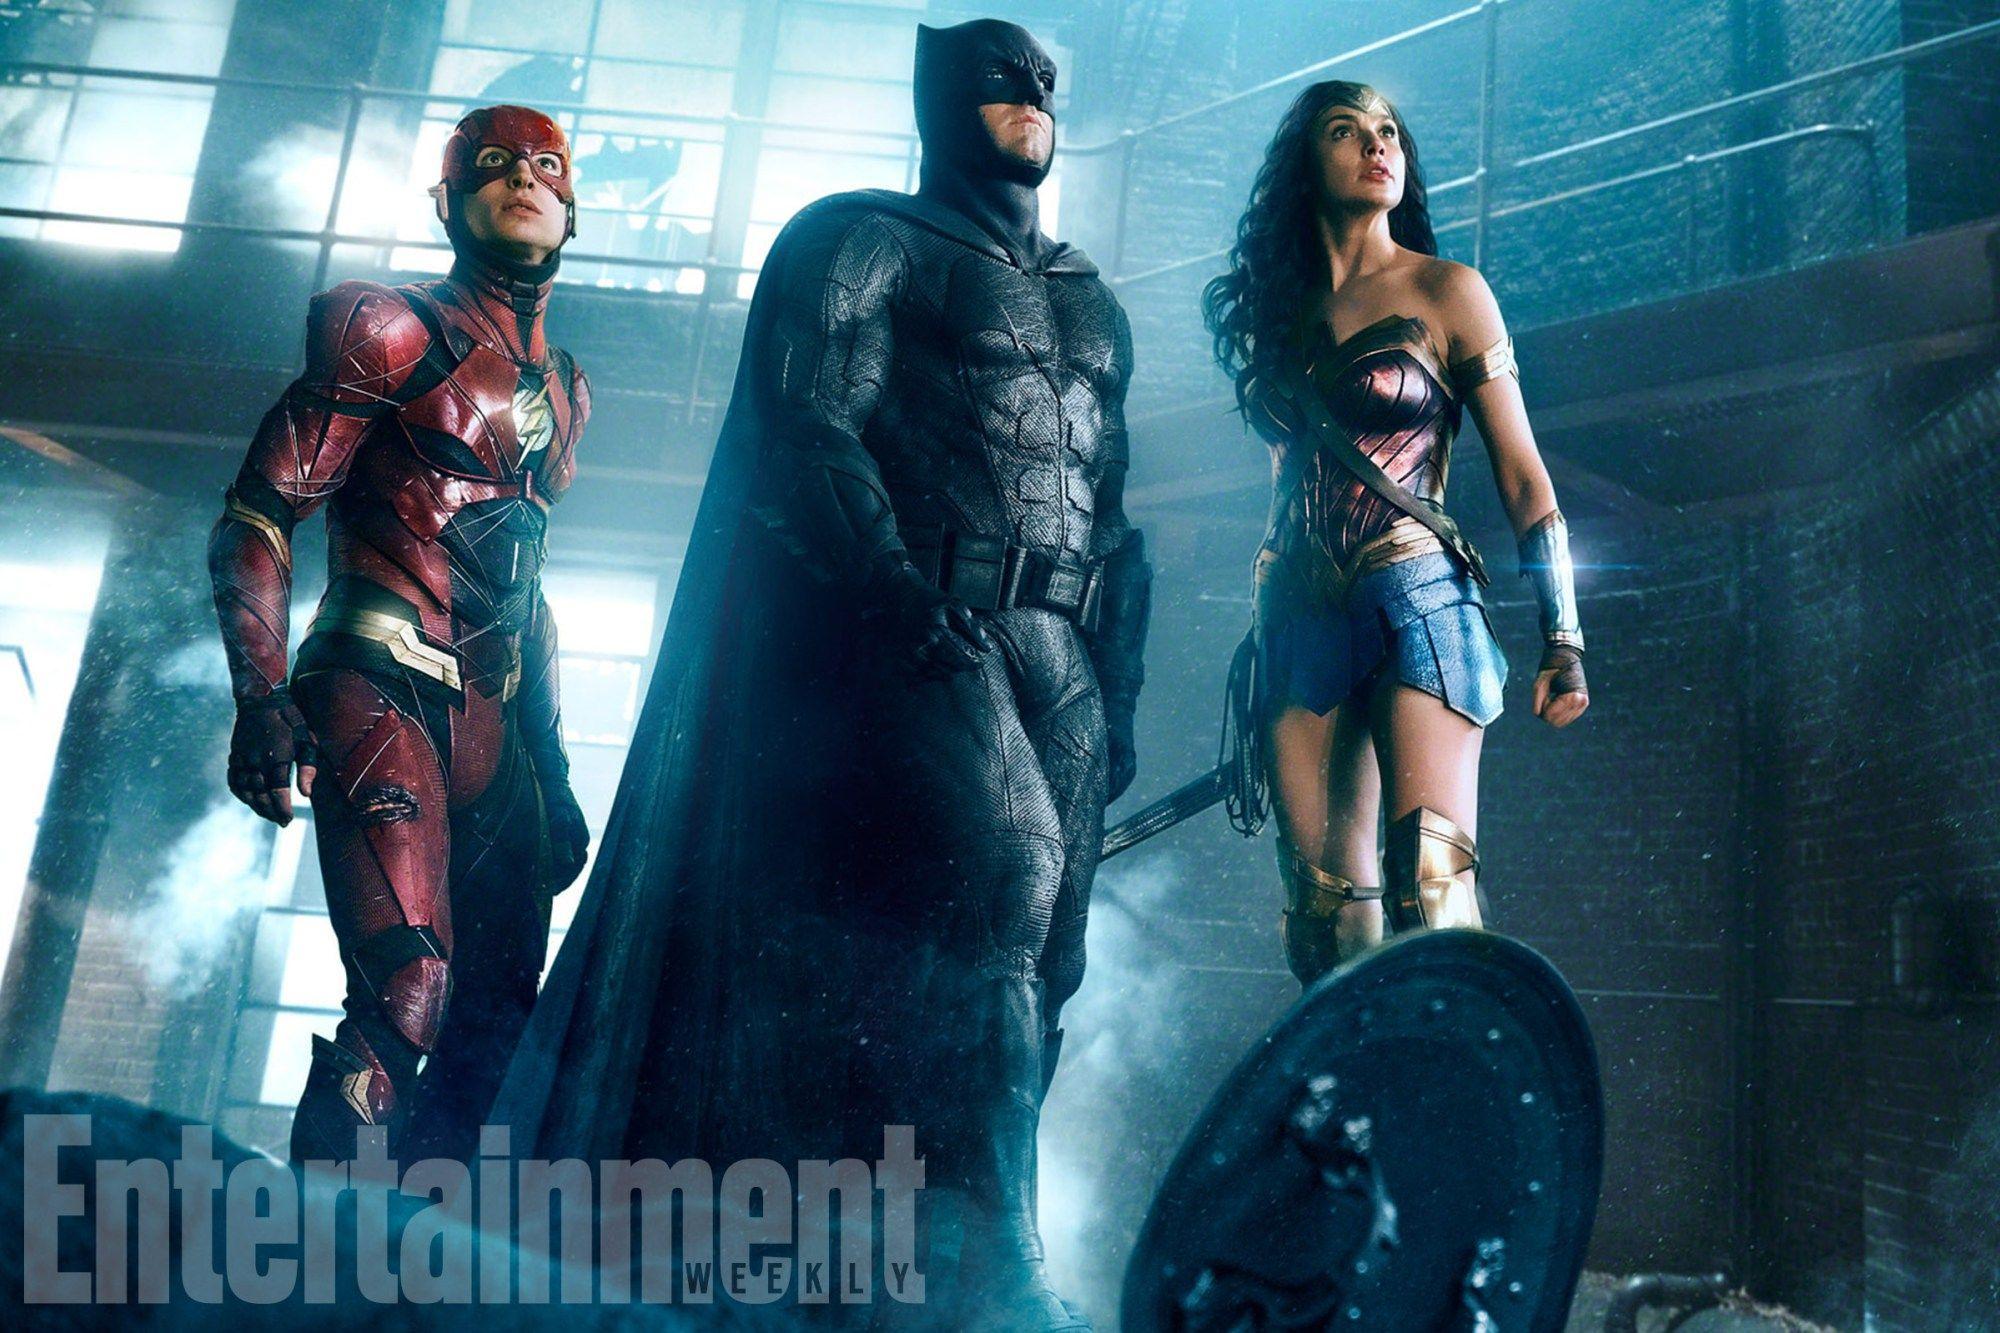 http://cdn.collider.com/wp-content/uploads/2016/12/justice-league-the-flash-batman-wonder-woman.jpg